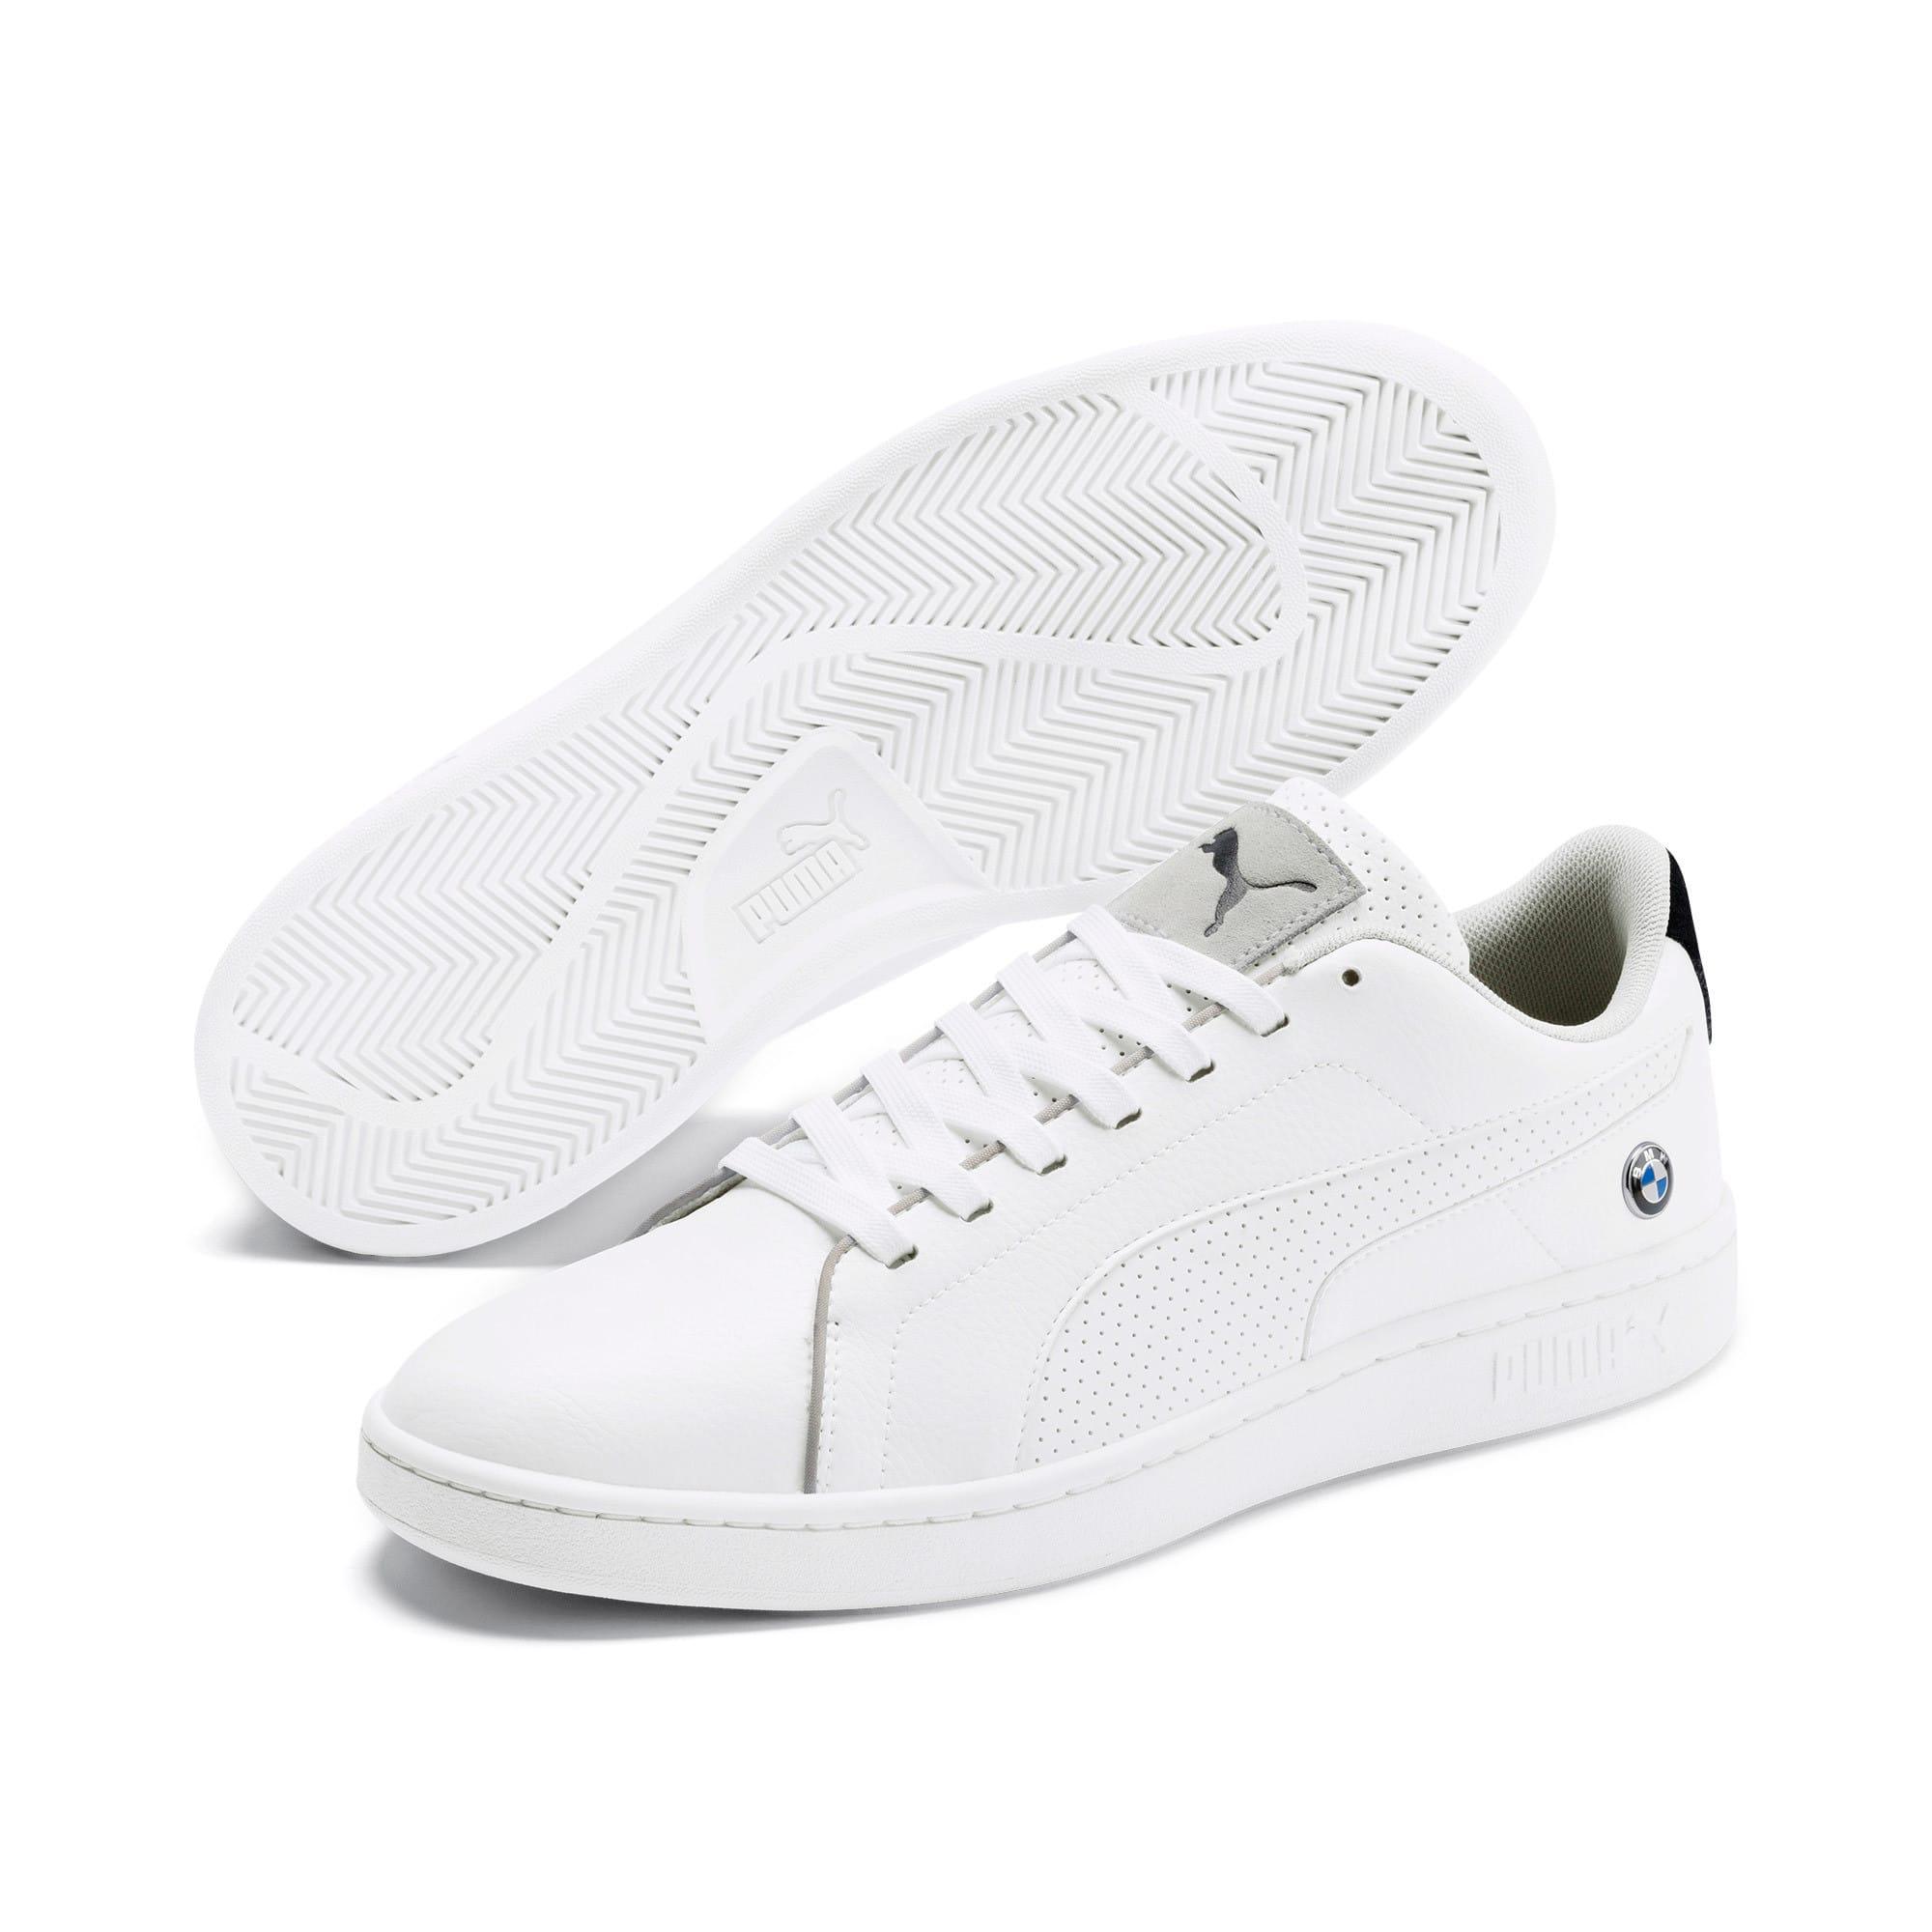 Miniatura 3 de Zapatos deportivos BMW M Motorsport Smash v2, Puma White-Puma White, mediano